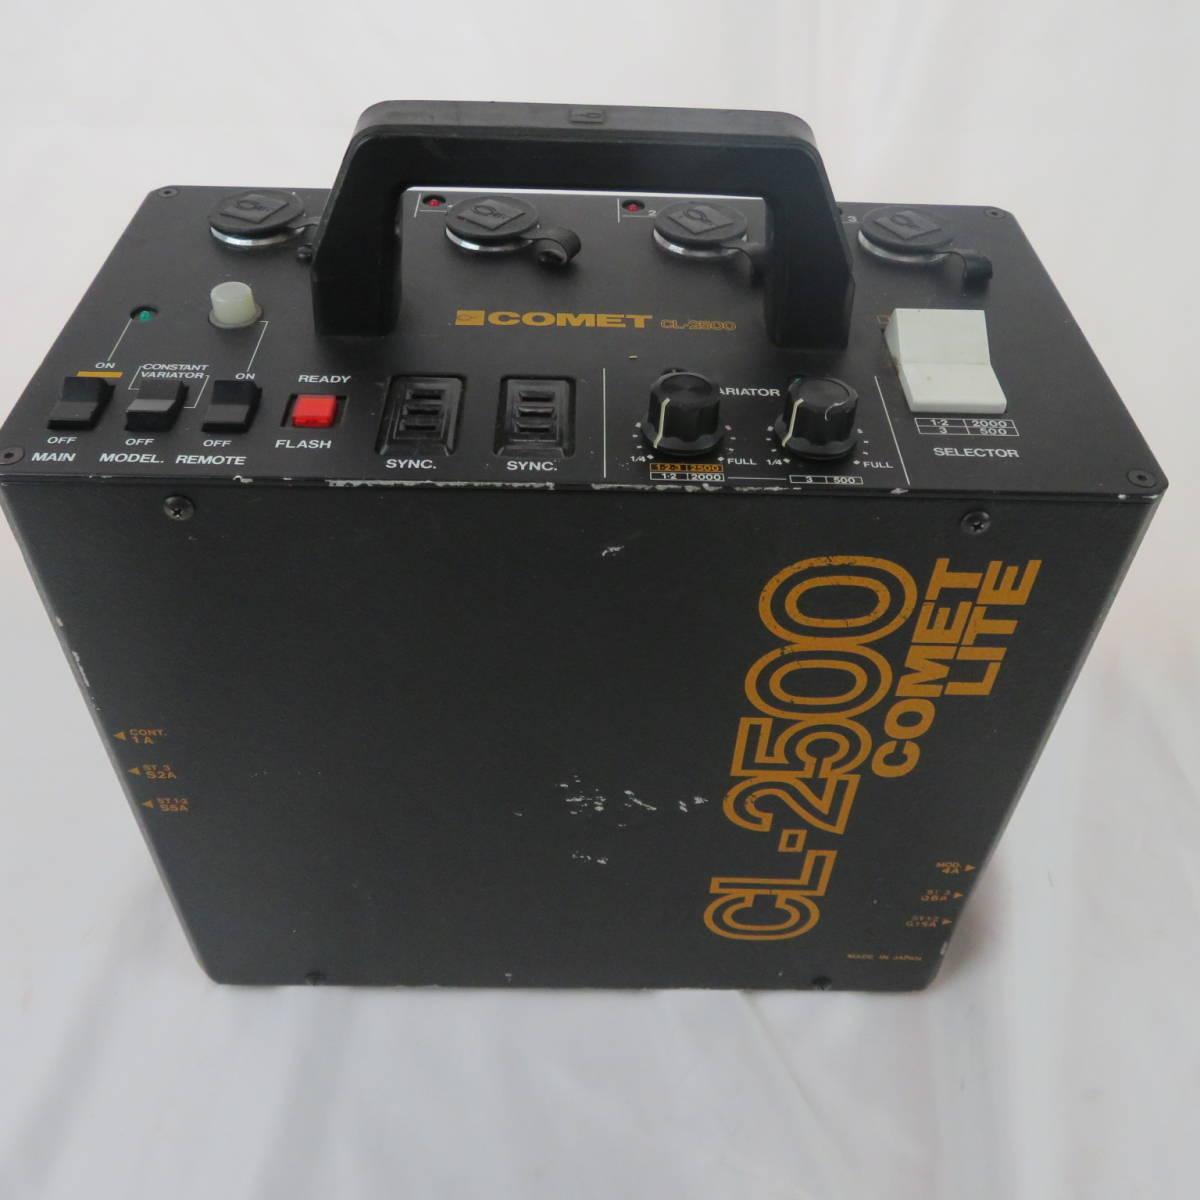 コメット CL-2500 ストロボ 業務用 動作未確認(20-1092)